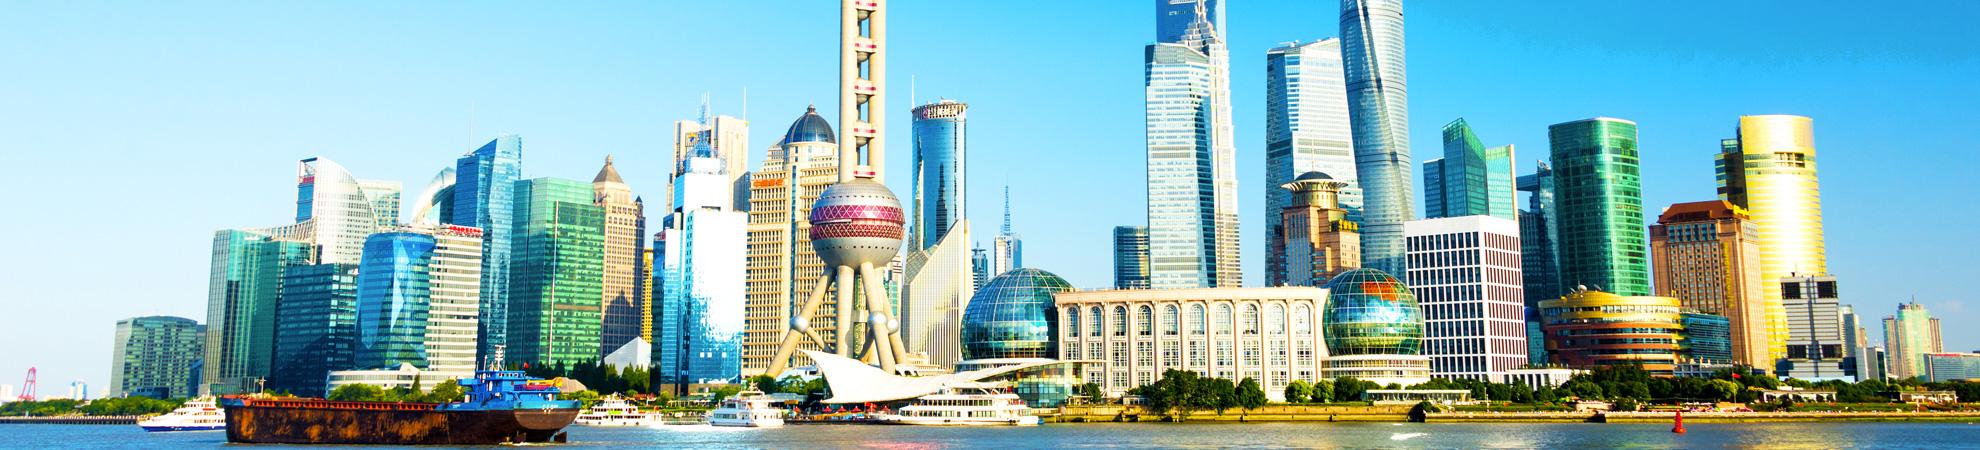 Villes de Chine